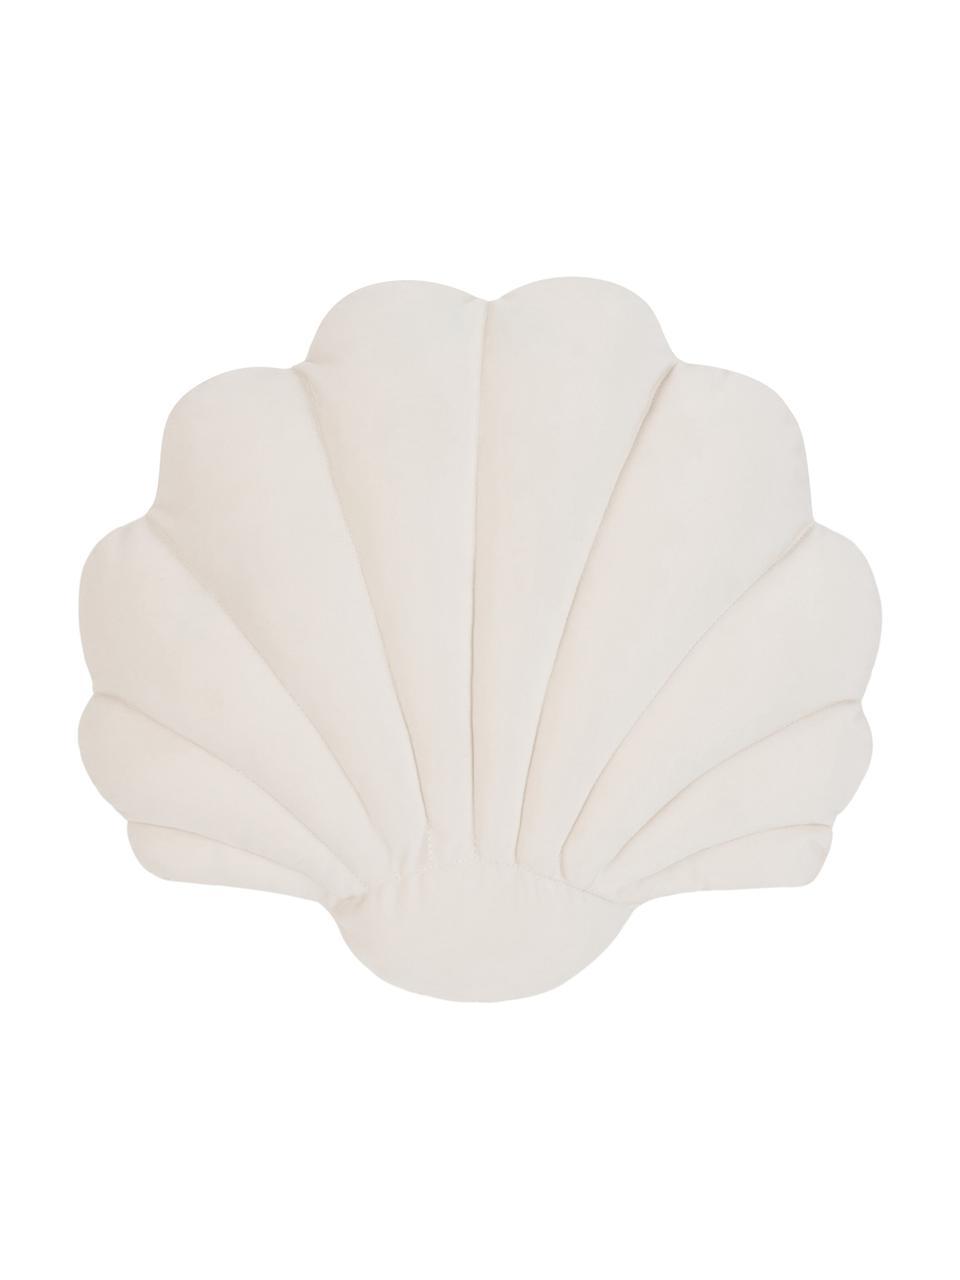 Cuscino in velluto a forma di conchiglia Shell, Retro: 100% cotone, Bianco crema, Larg. 32 x Lung. 27 cm